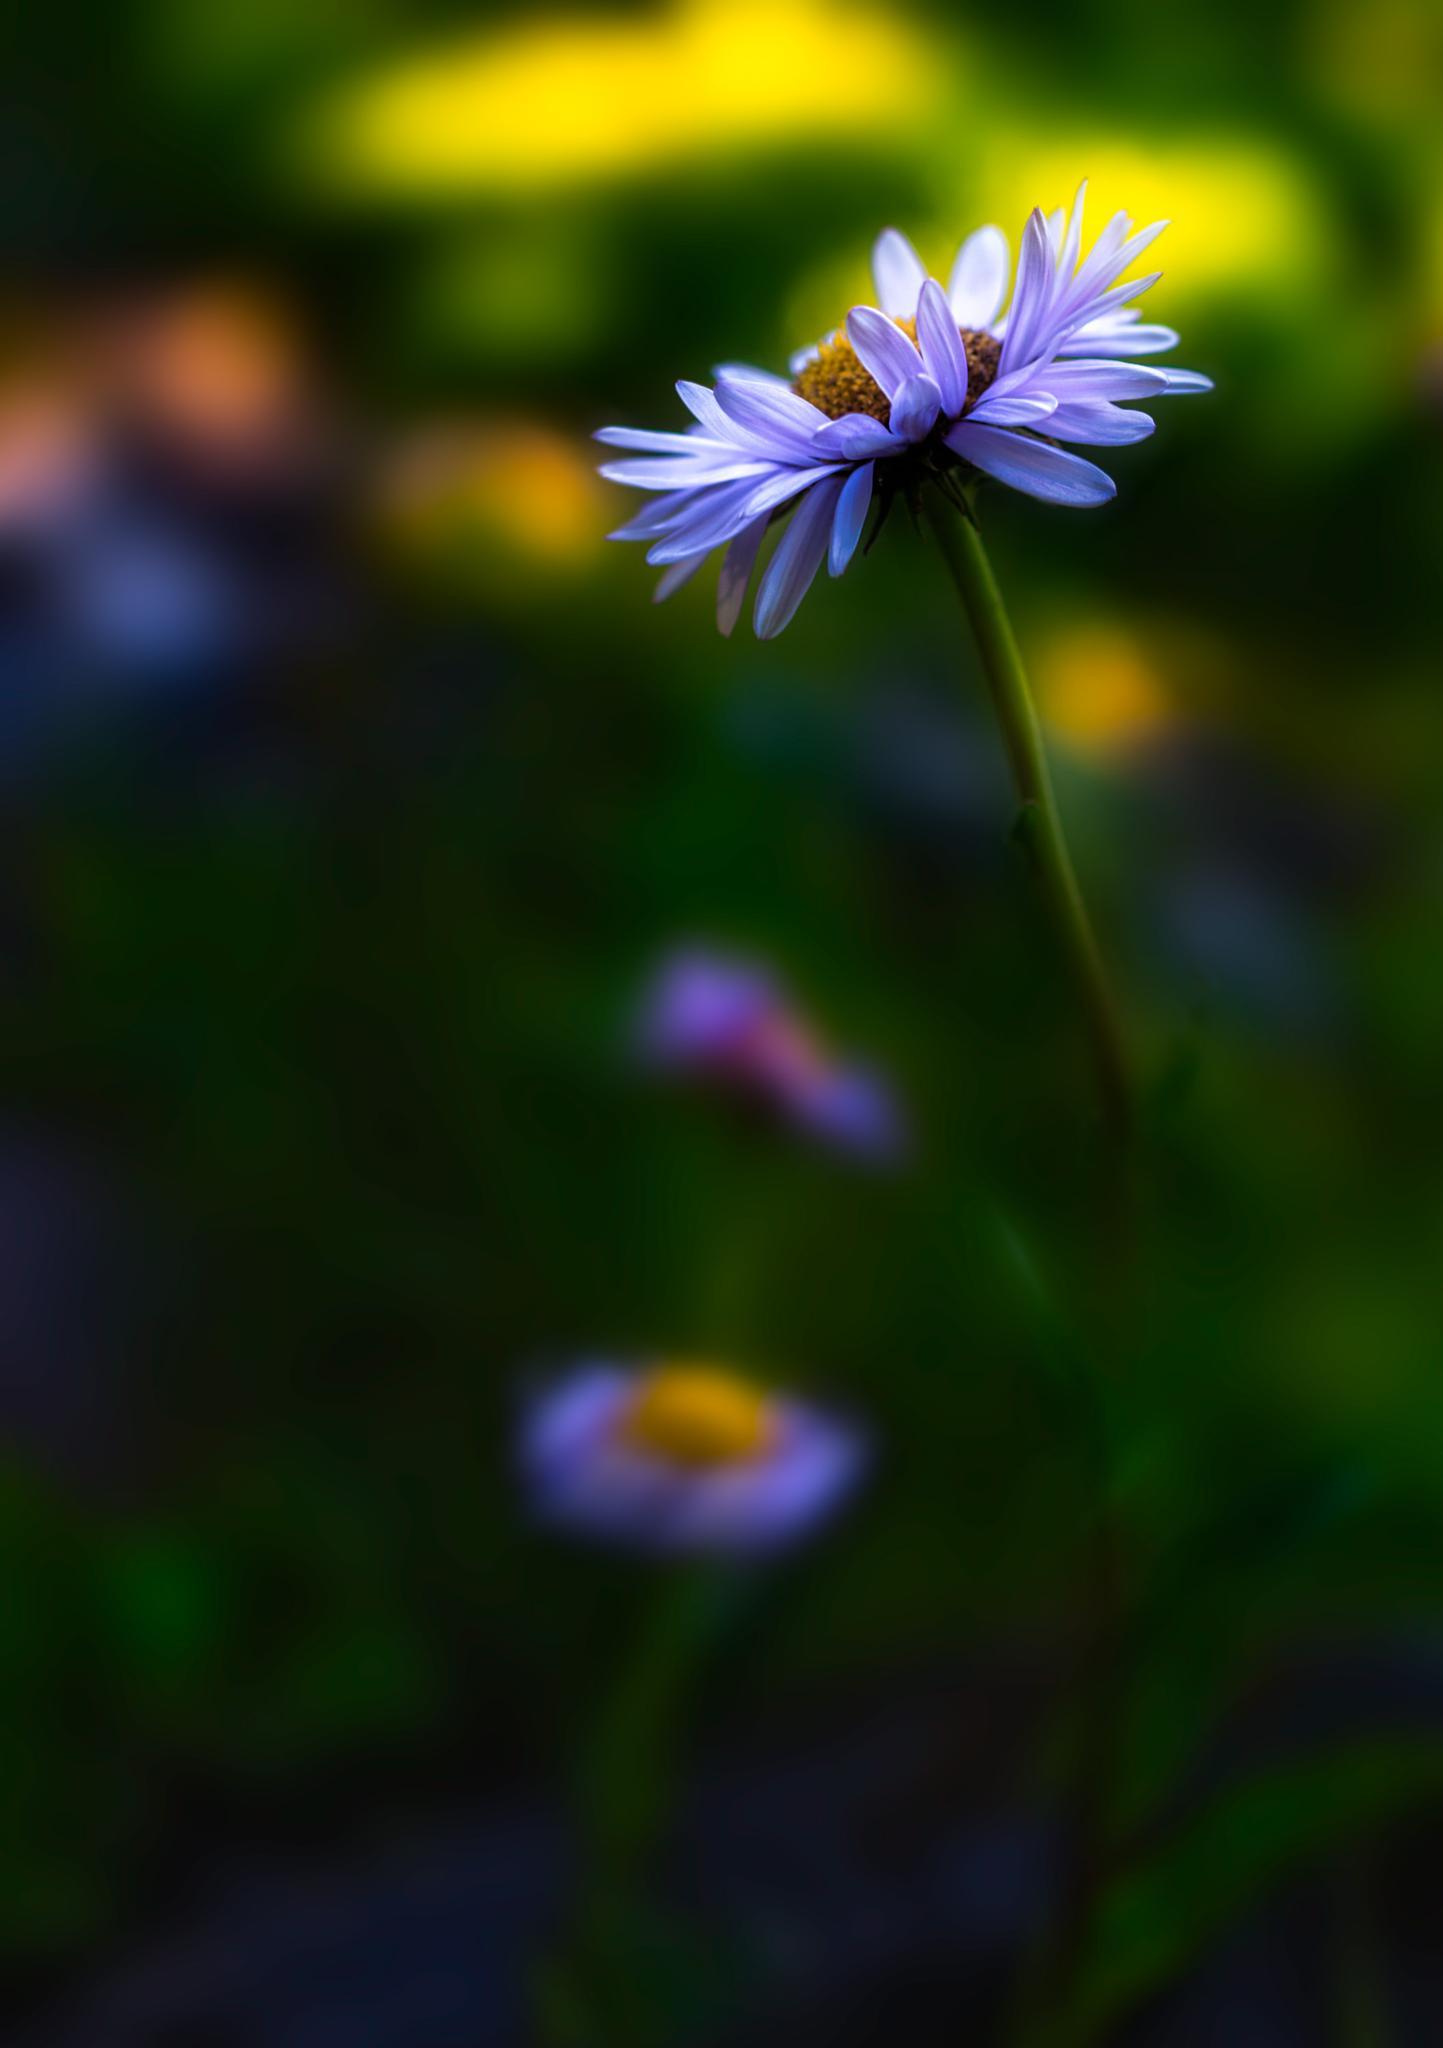 wild flower by Jason Matias